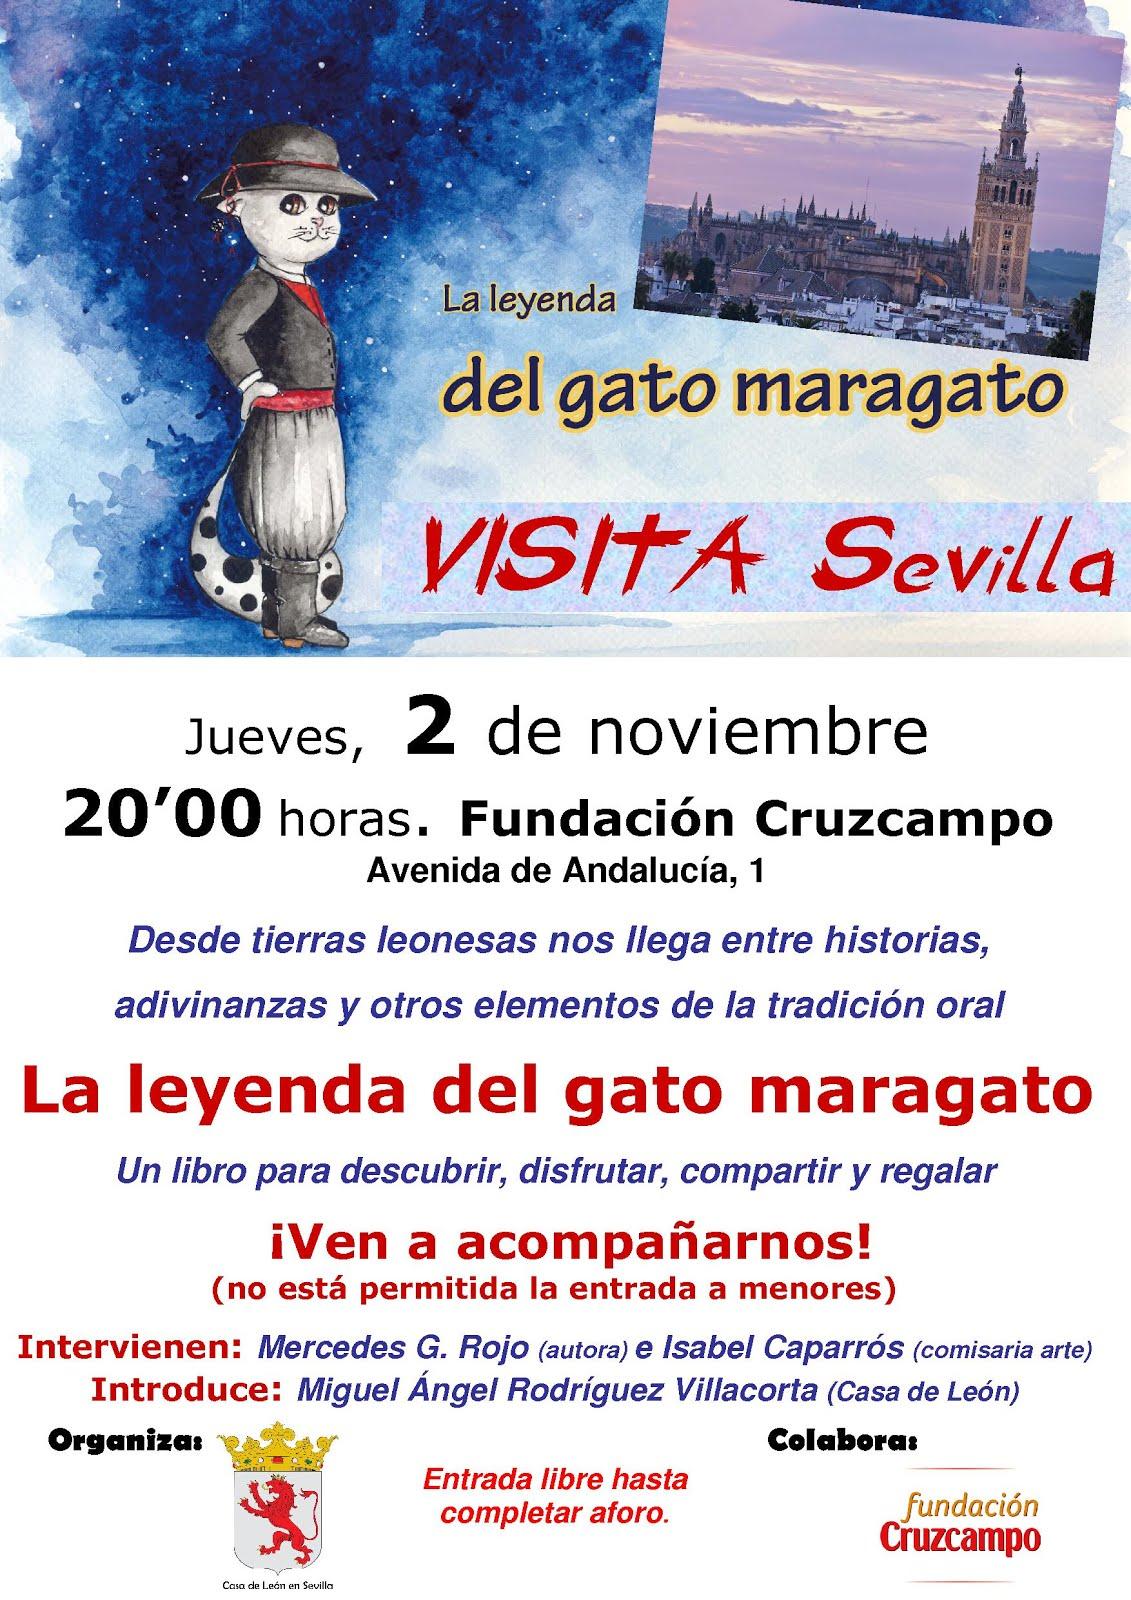 El gato maragato visita Sevilla.  2 de noviembre